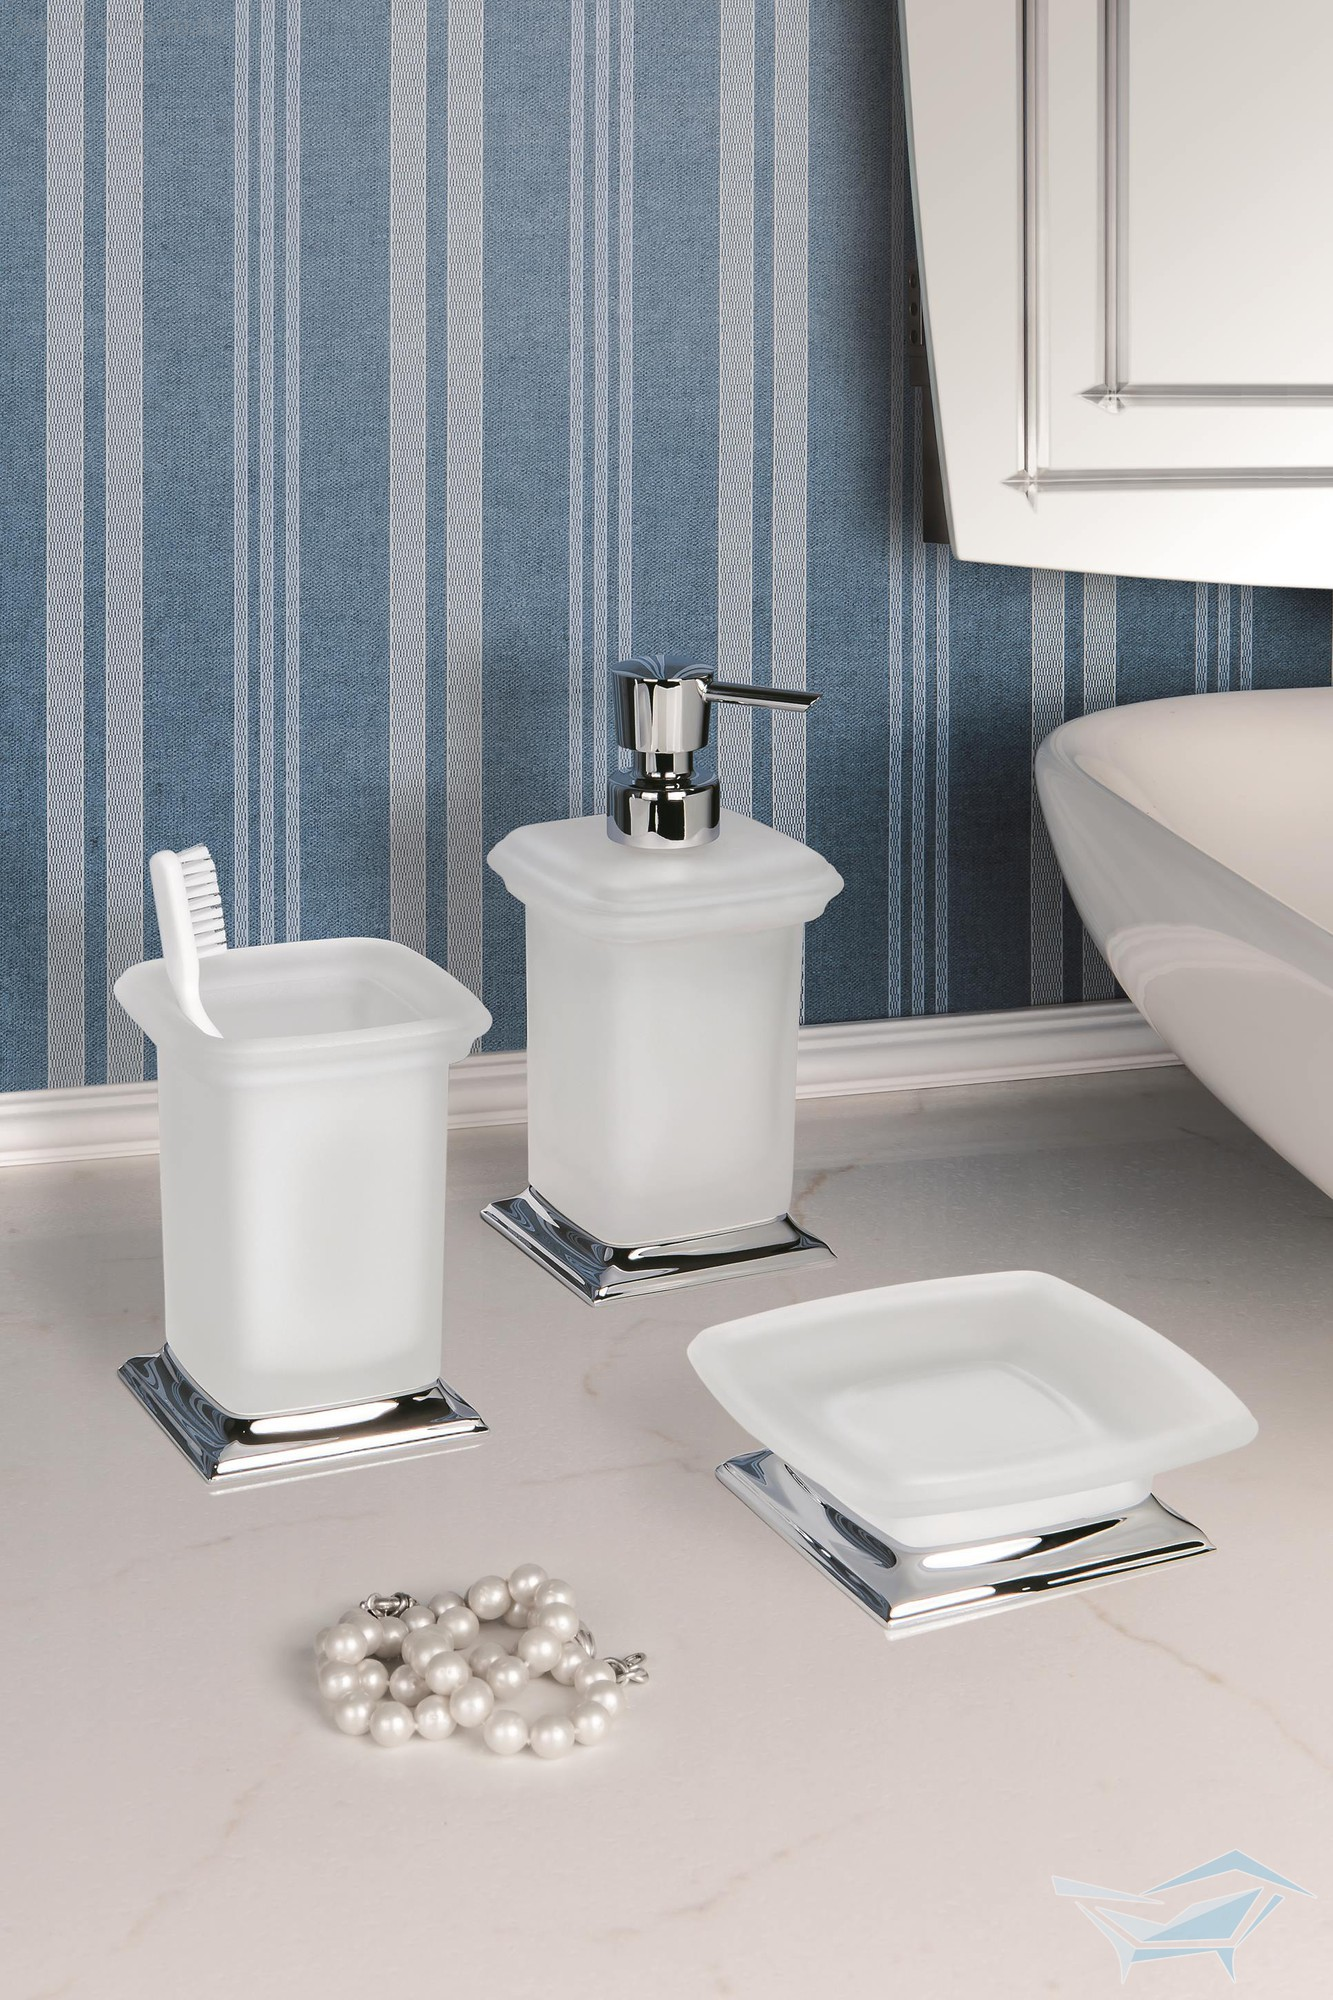 7 материалов для отделки полов в ванной комнате   строительный блог вити петрова